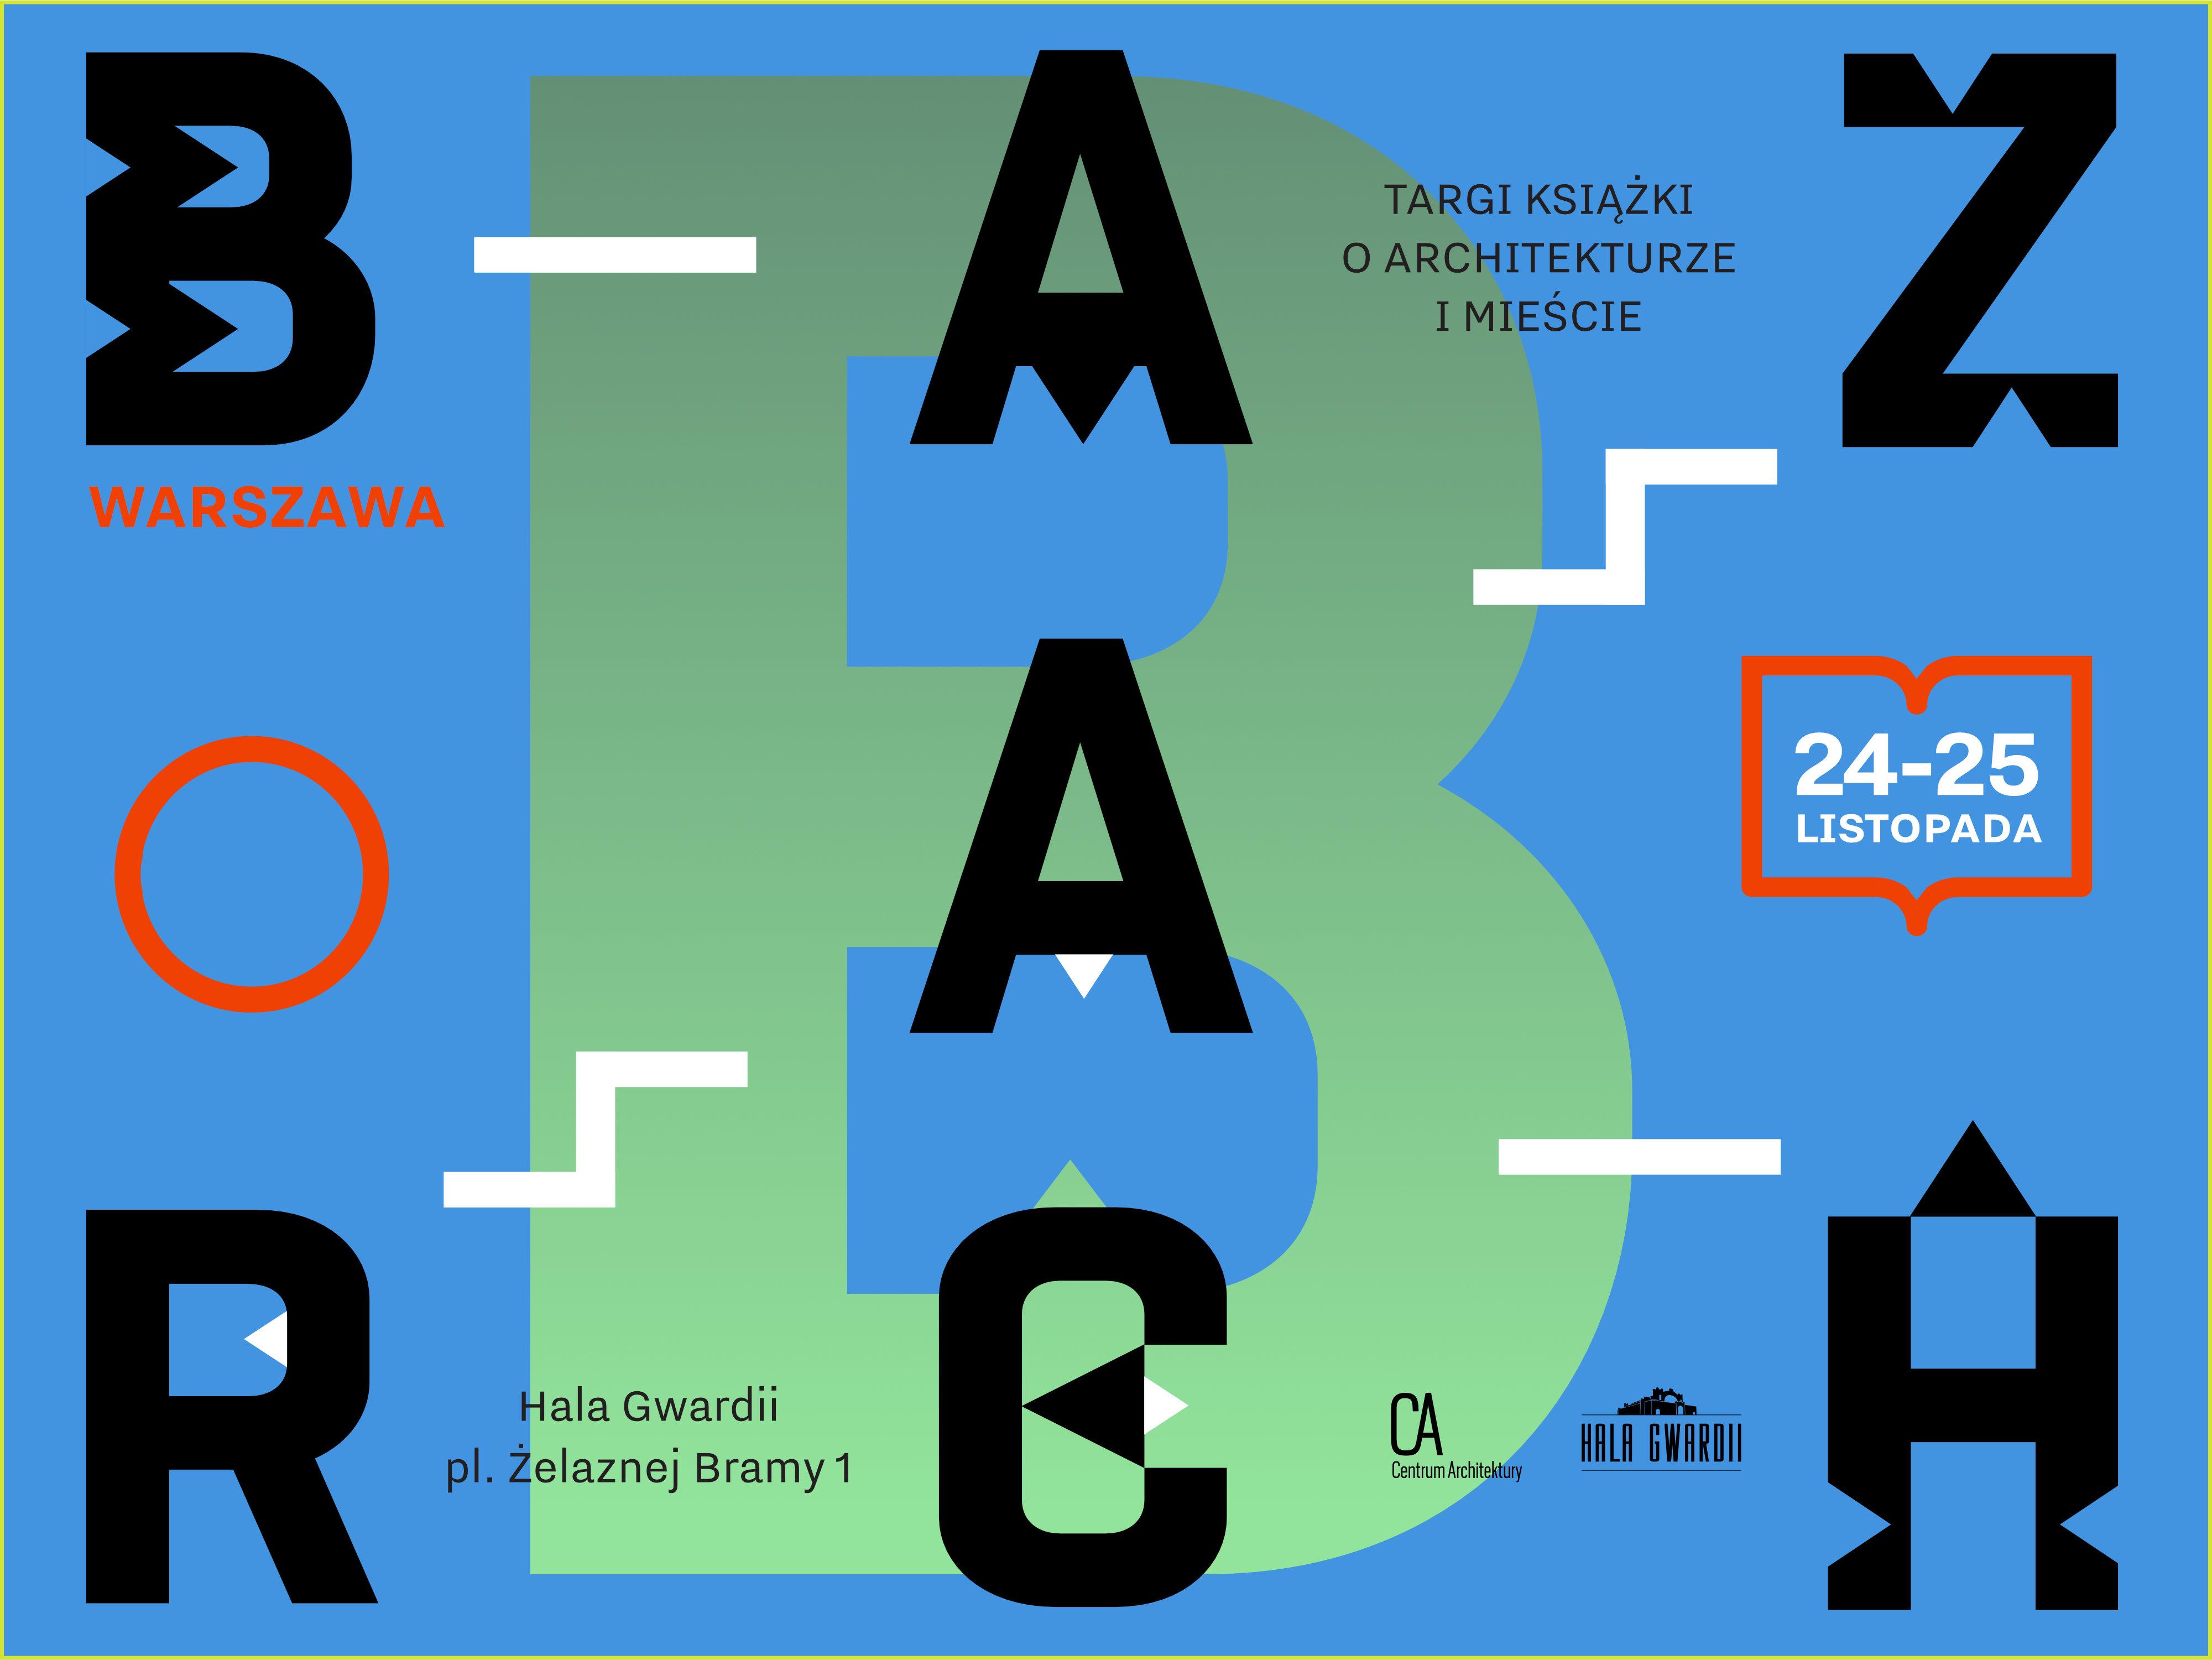 BAZARCH – targi książek o architekturze (źródło: materiały prasowe organizatora)